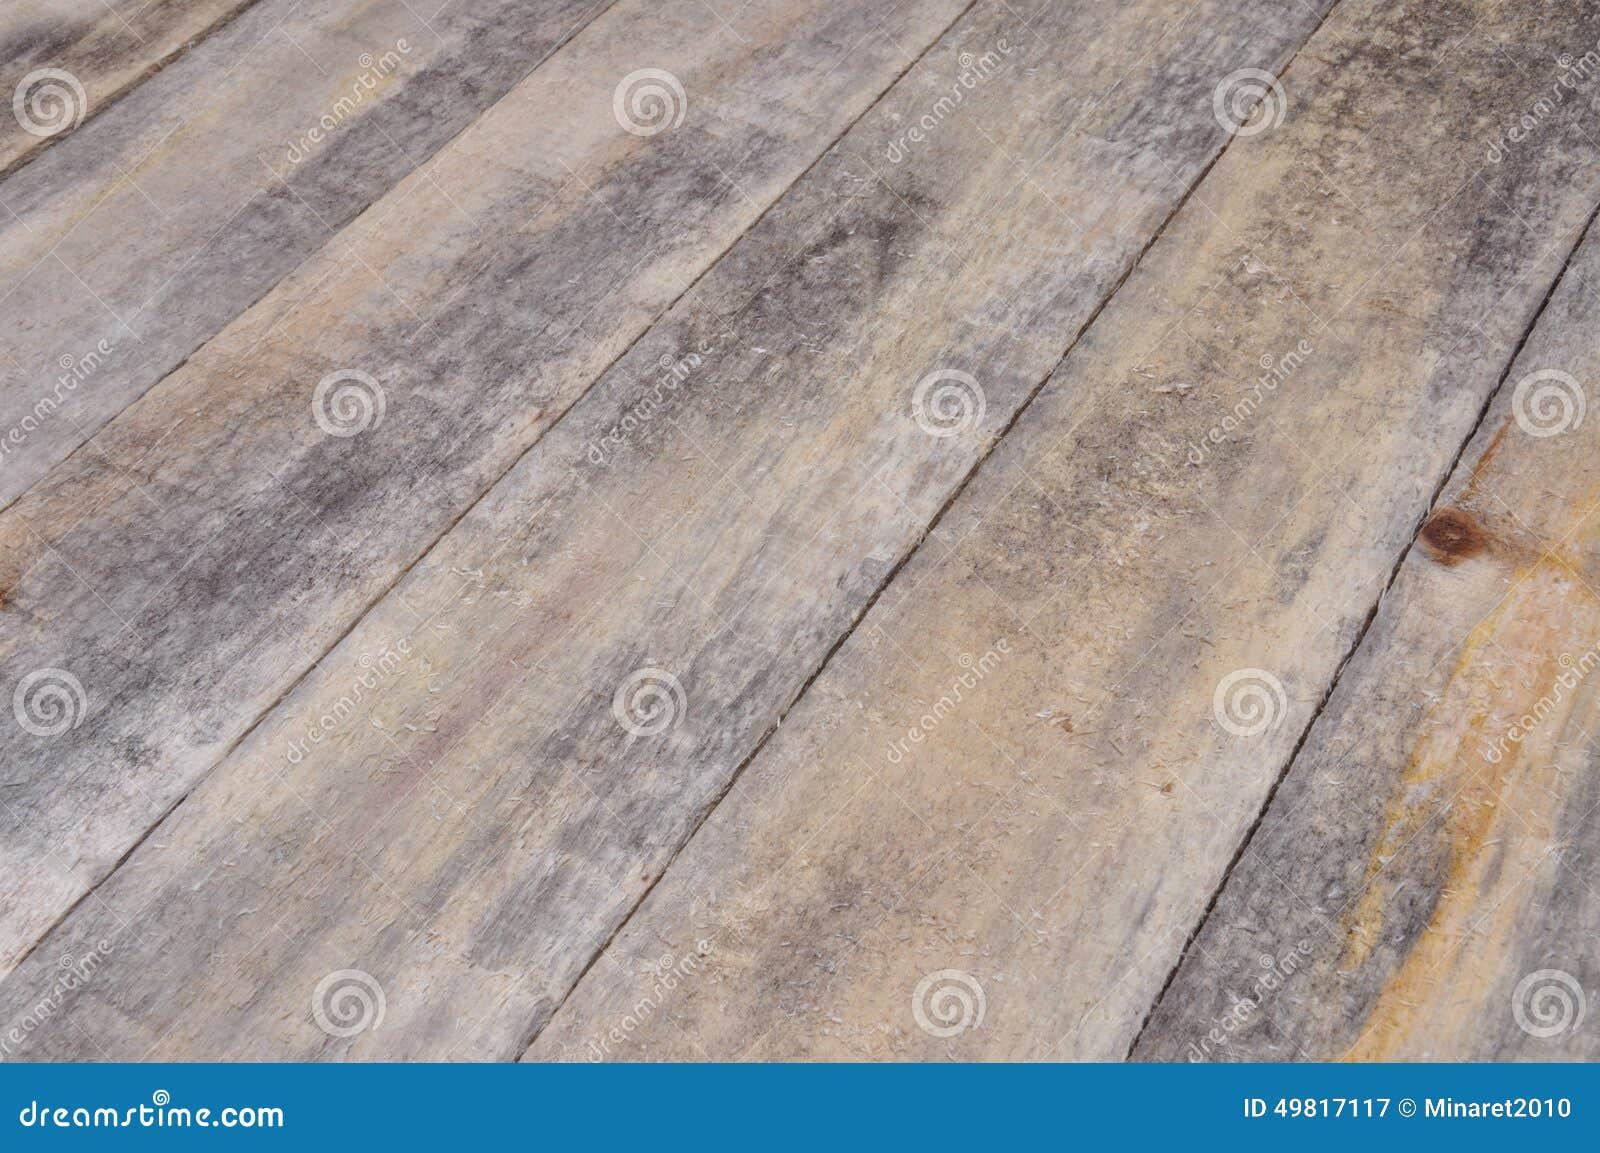 Assi Di Legno Grezze : Assi del pavimento di legno con la prospettiva immagine stock